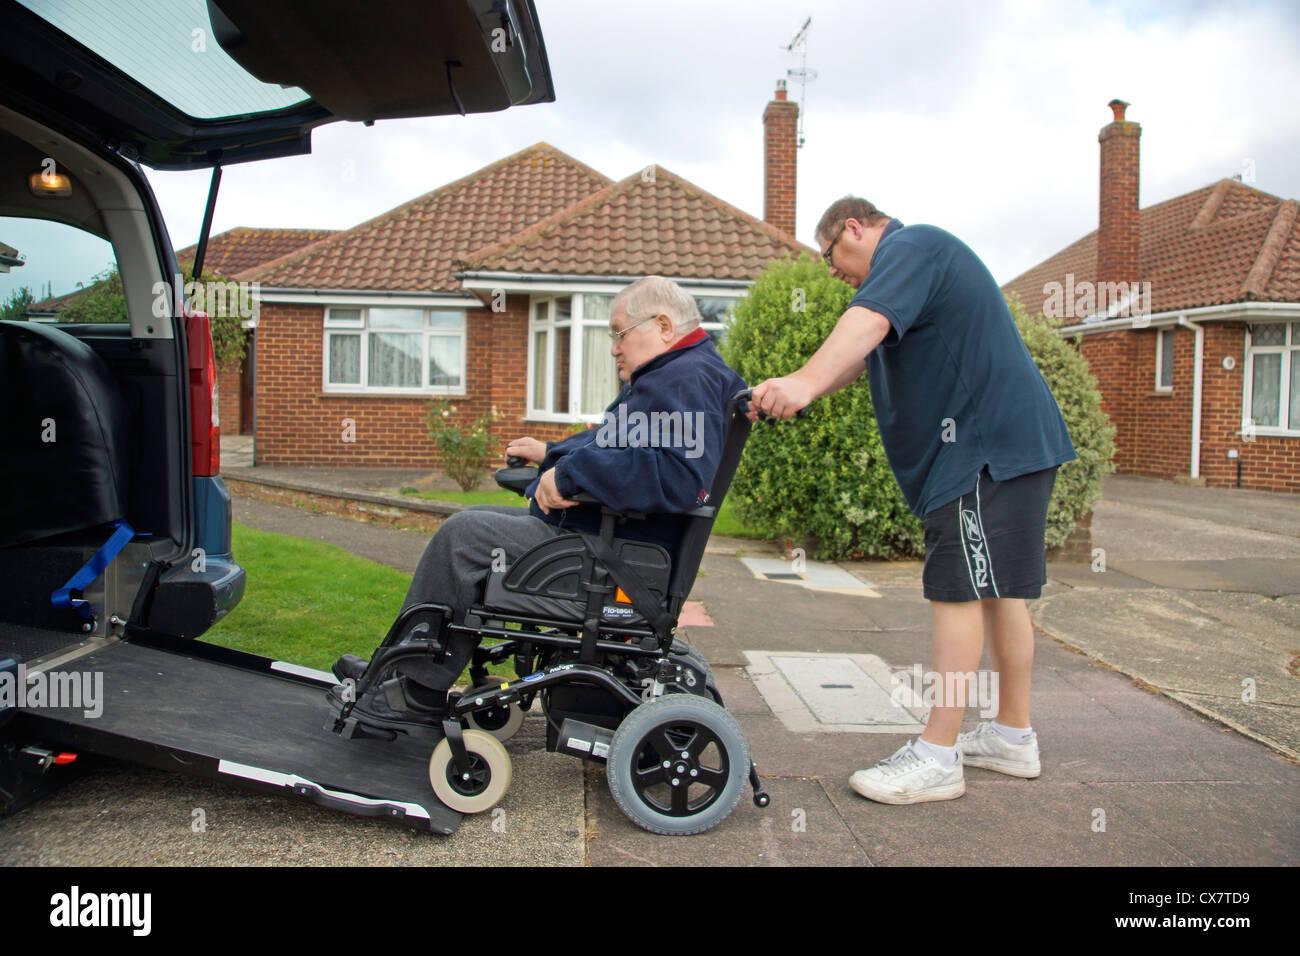 Carer mâle fils de pousser un vieil homme handicapé dans un fauteuil roulant sur un bâti en rampe Photo Stock